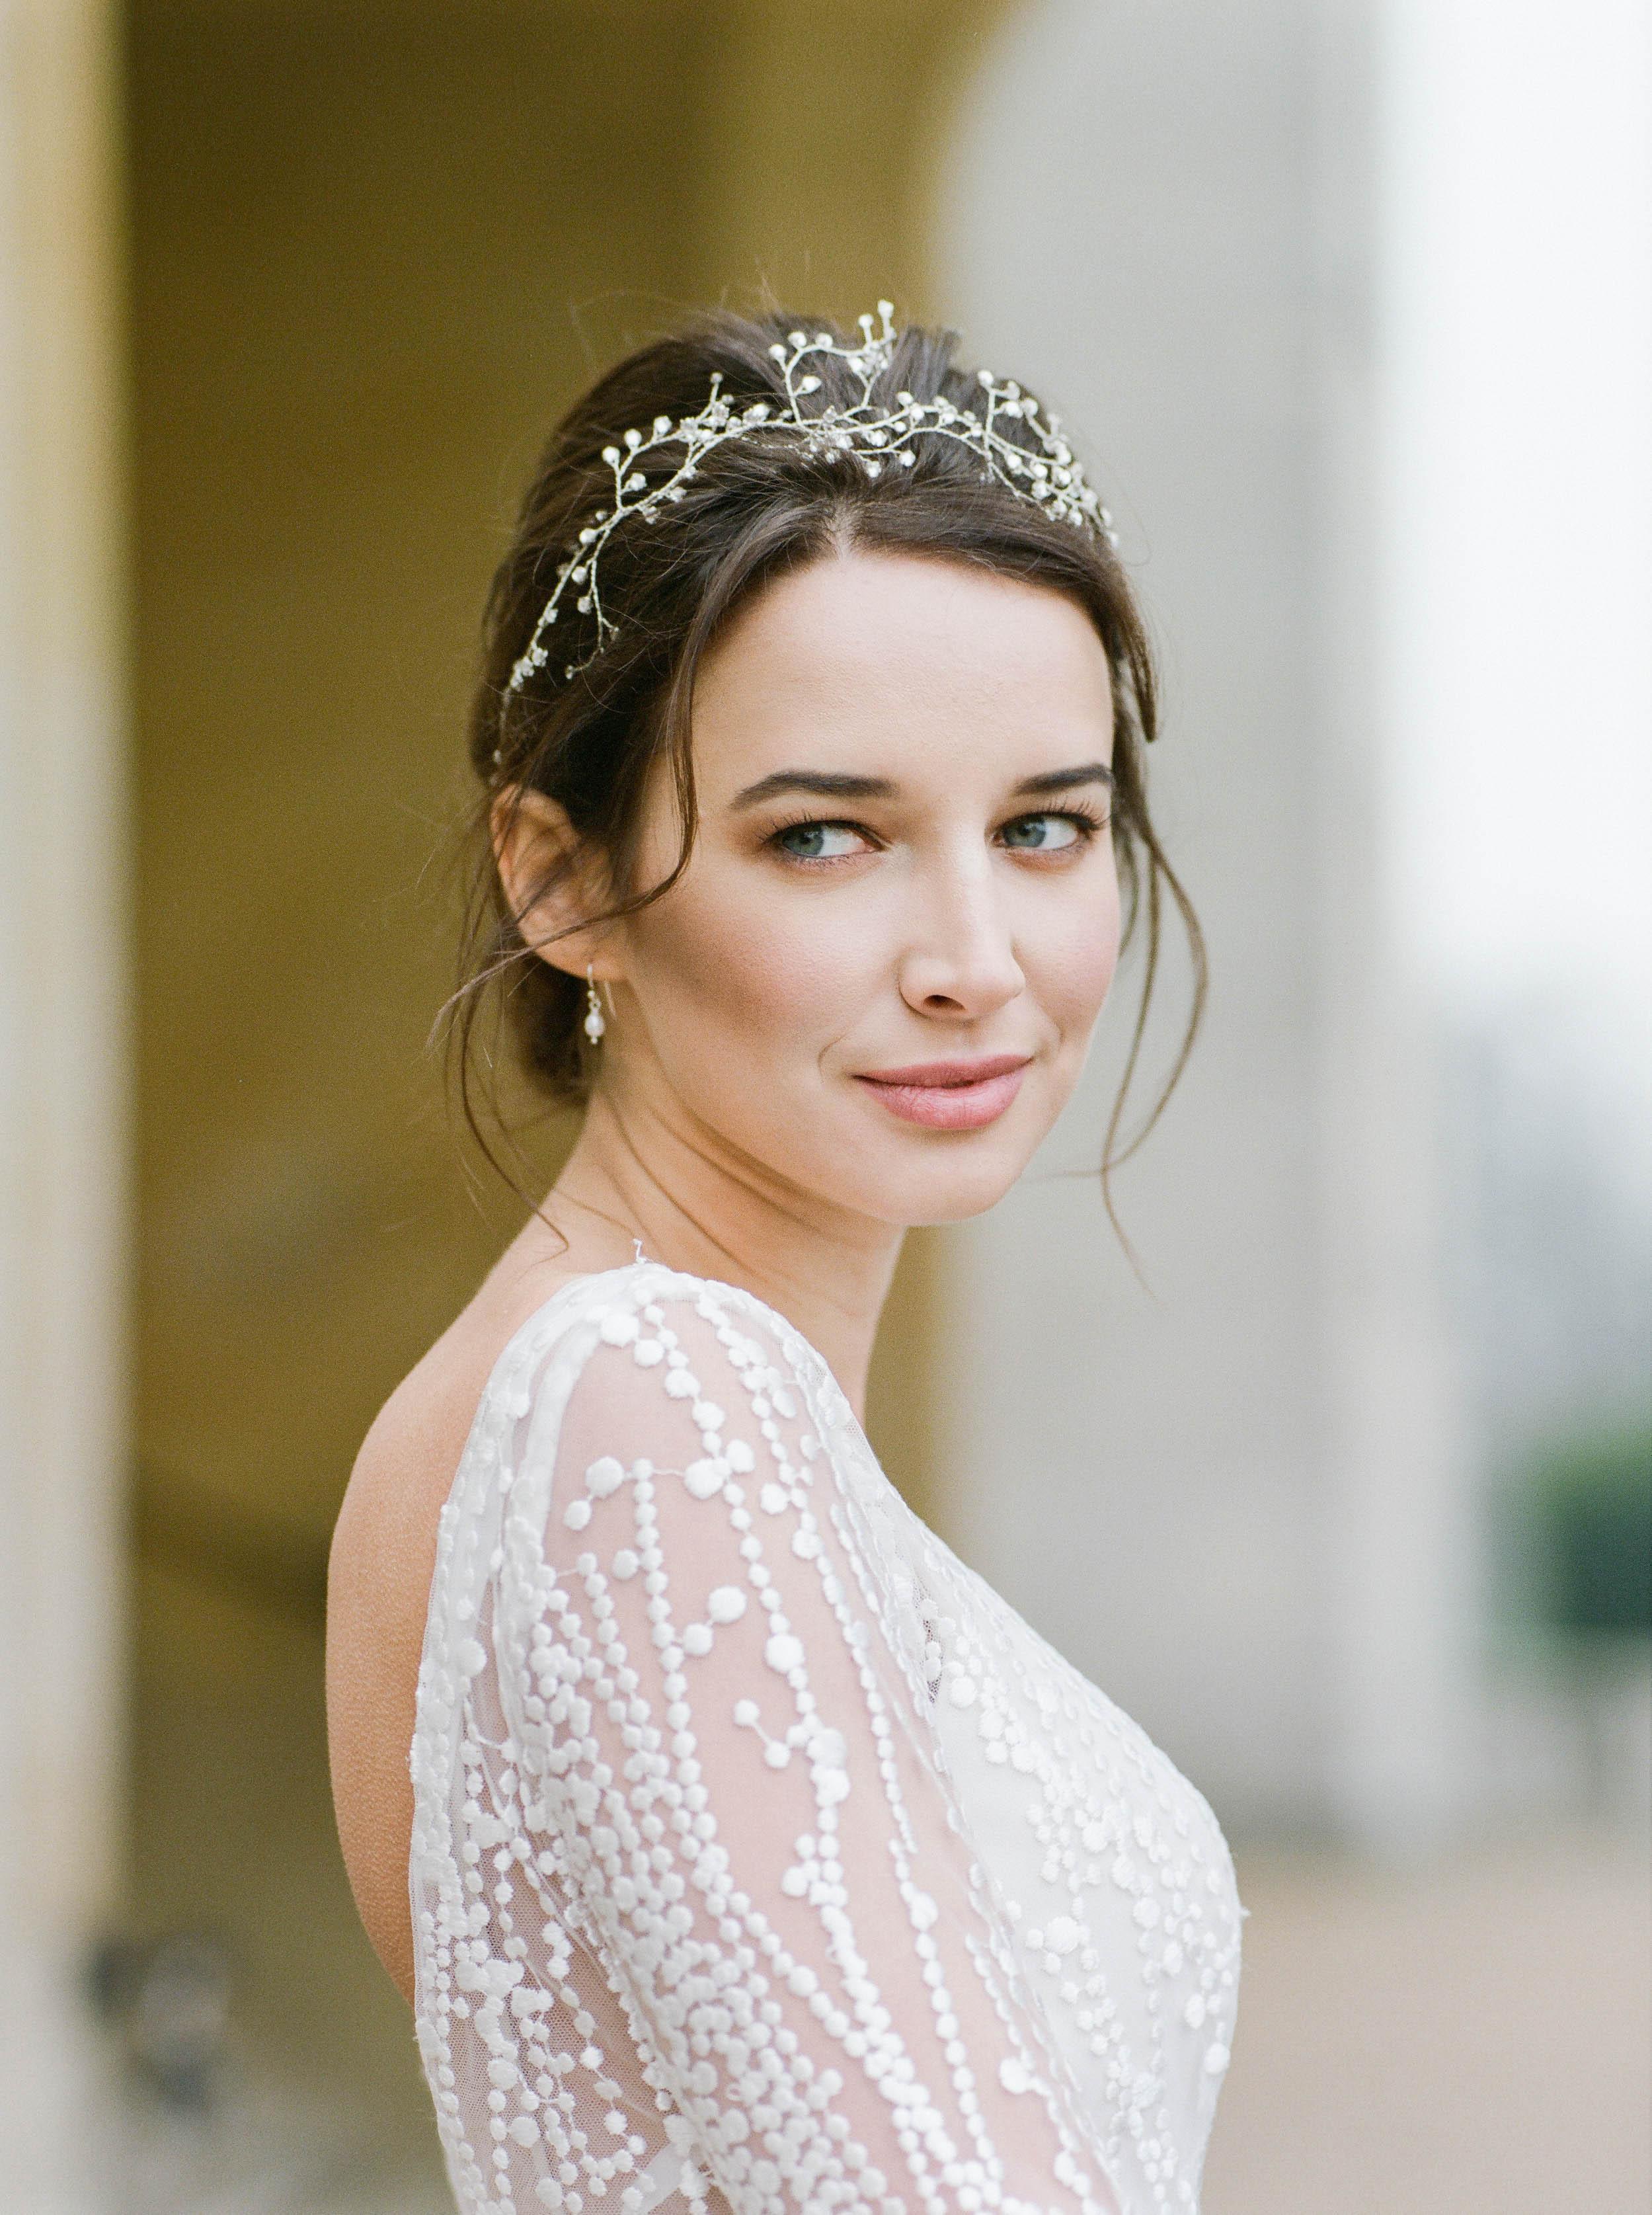 modern-natural-bridal-makeup-with-natural-lip-colour-london